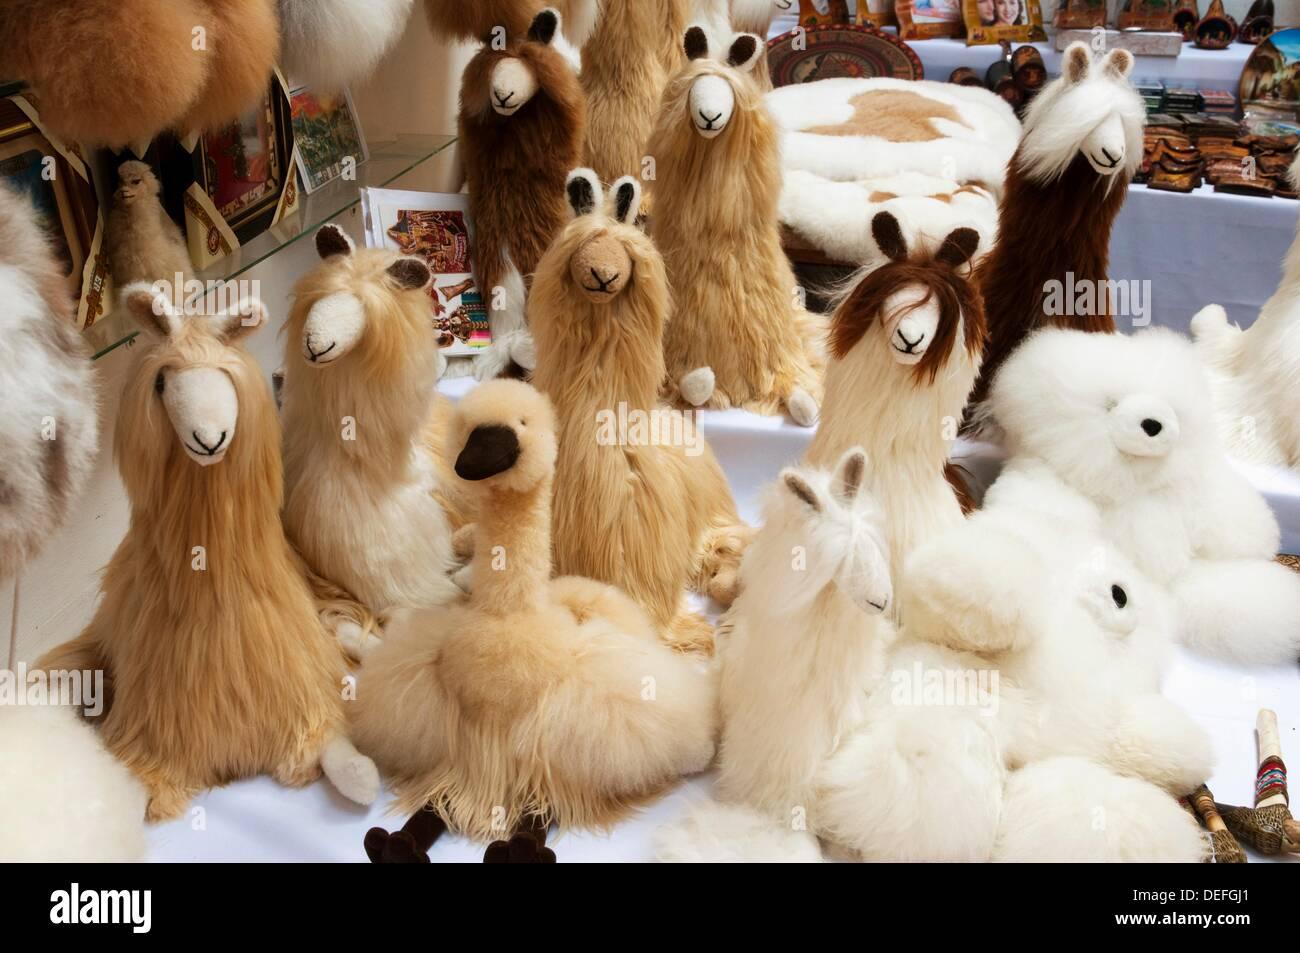 Closeup Of Stuffed Alpaca Fur Animals In A Store In Agua Calientes